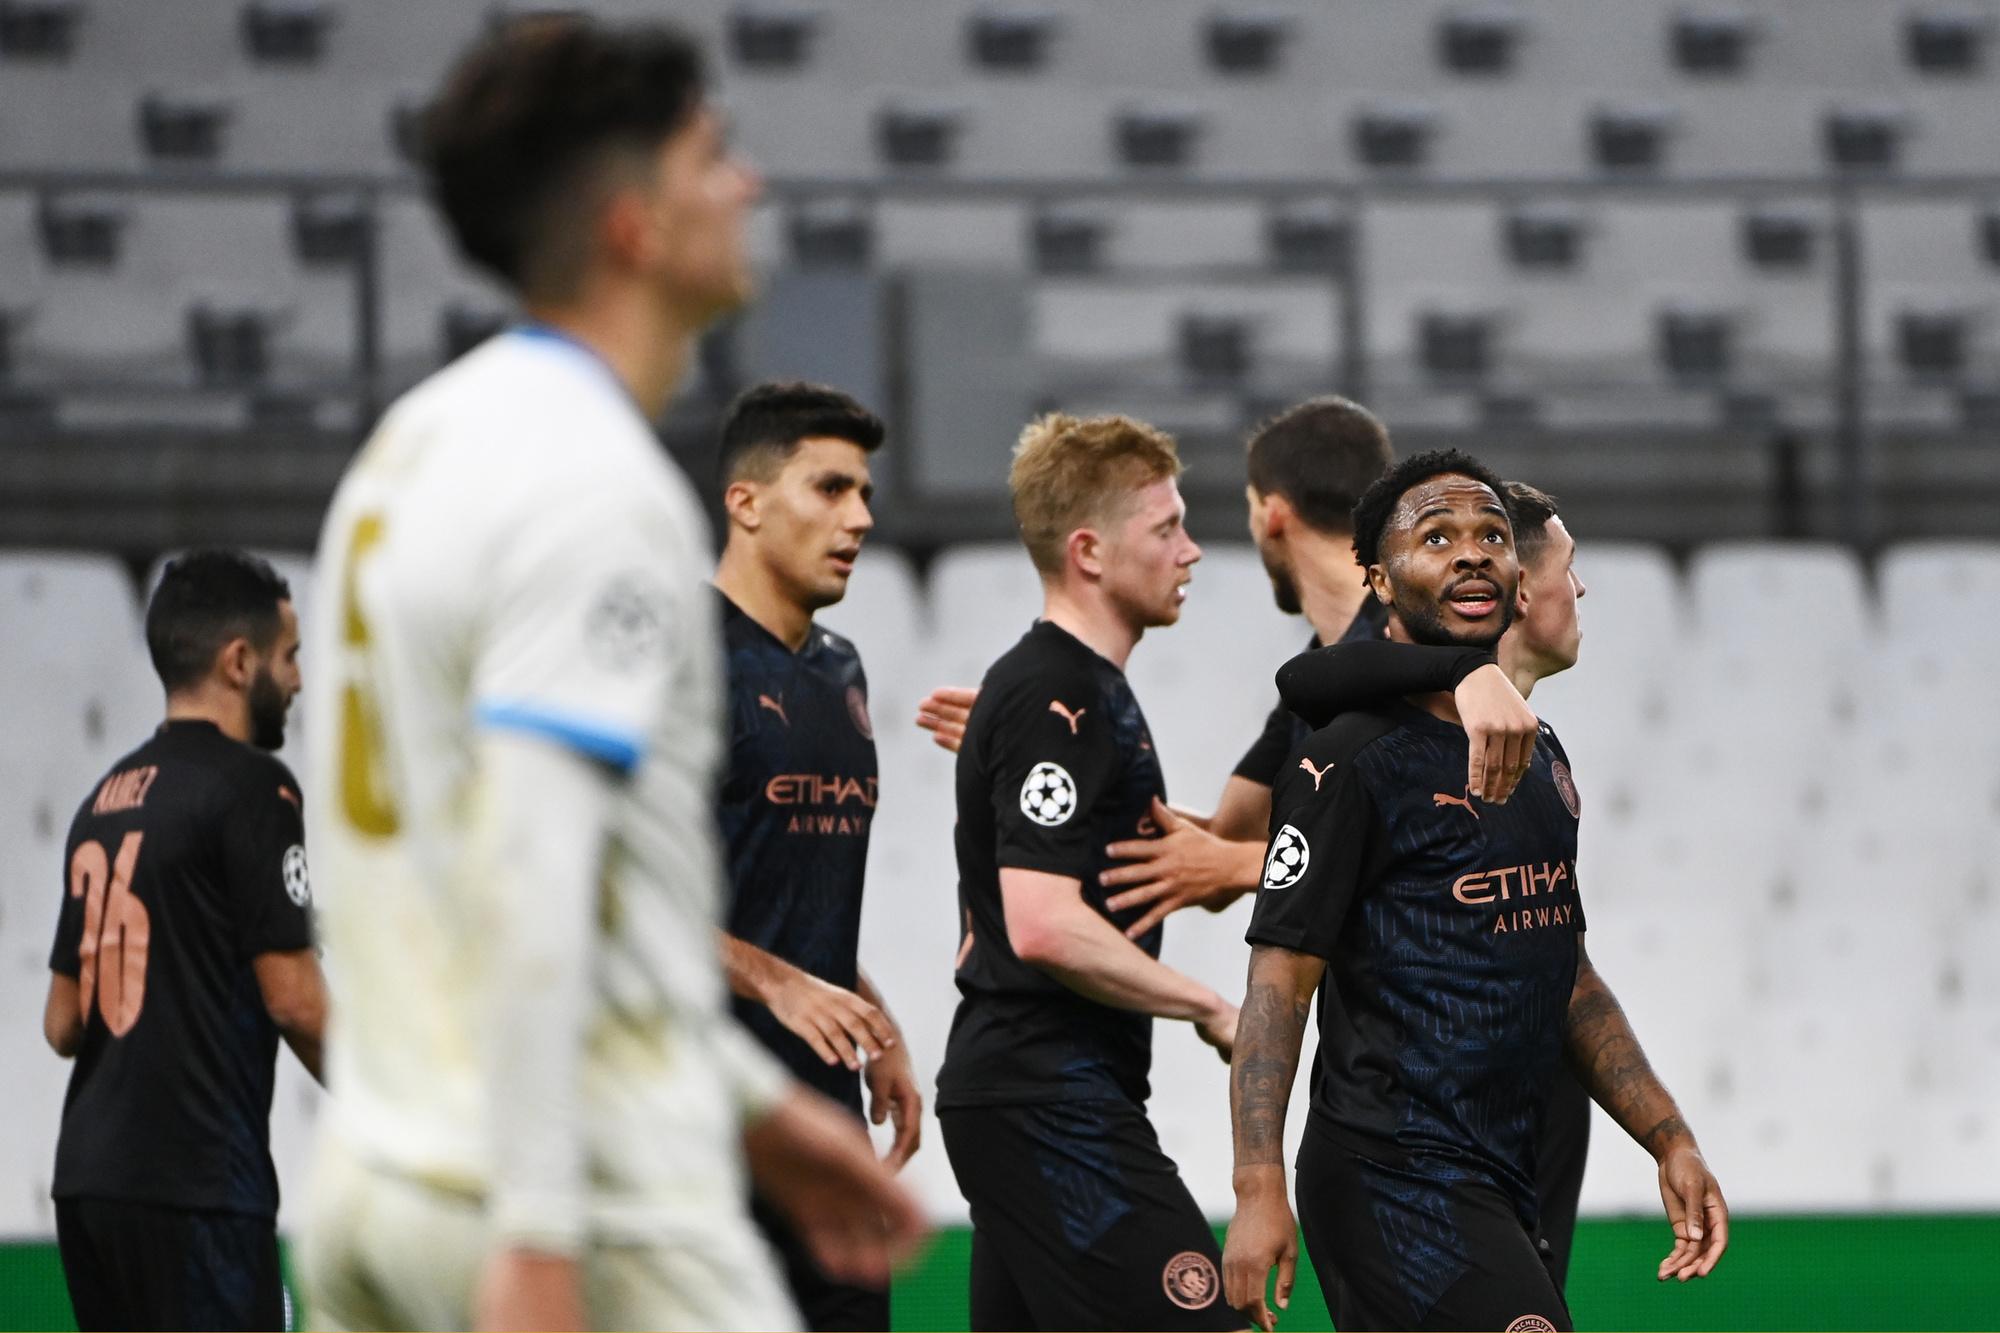 City ging in de Champions League eenvoudig voorbij Marseille, Belga Image